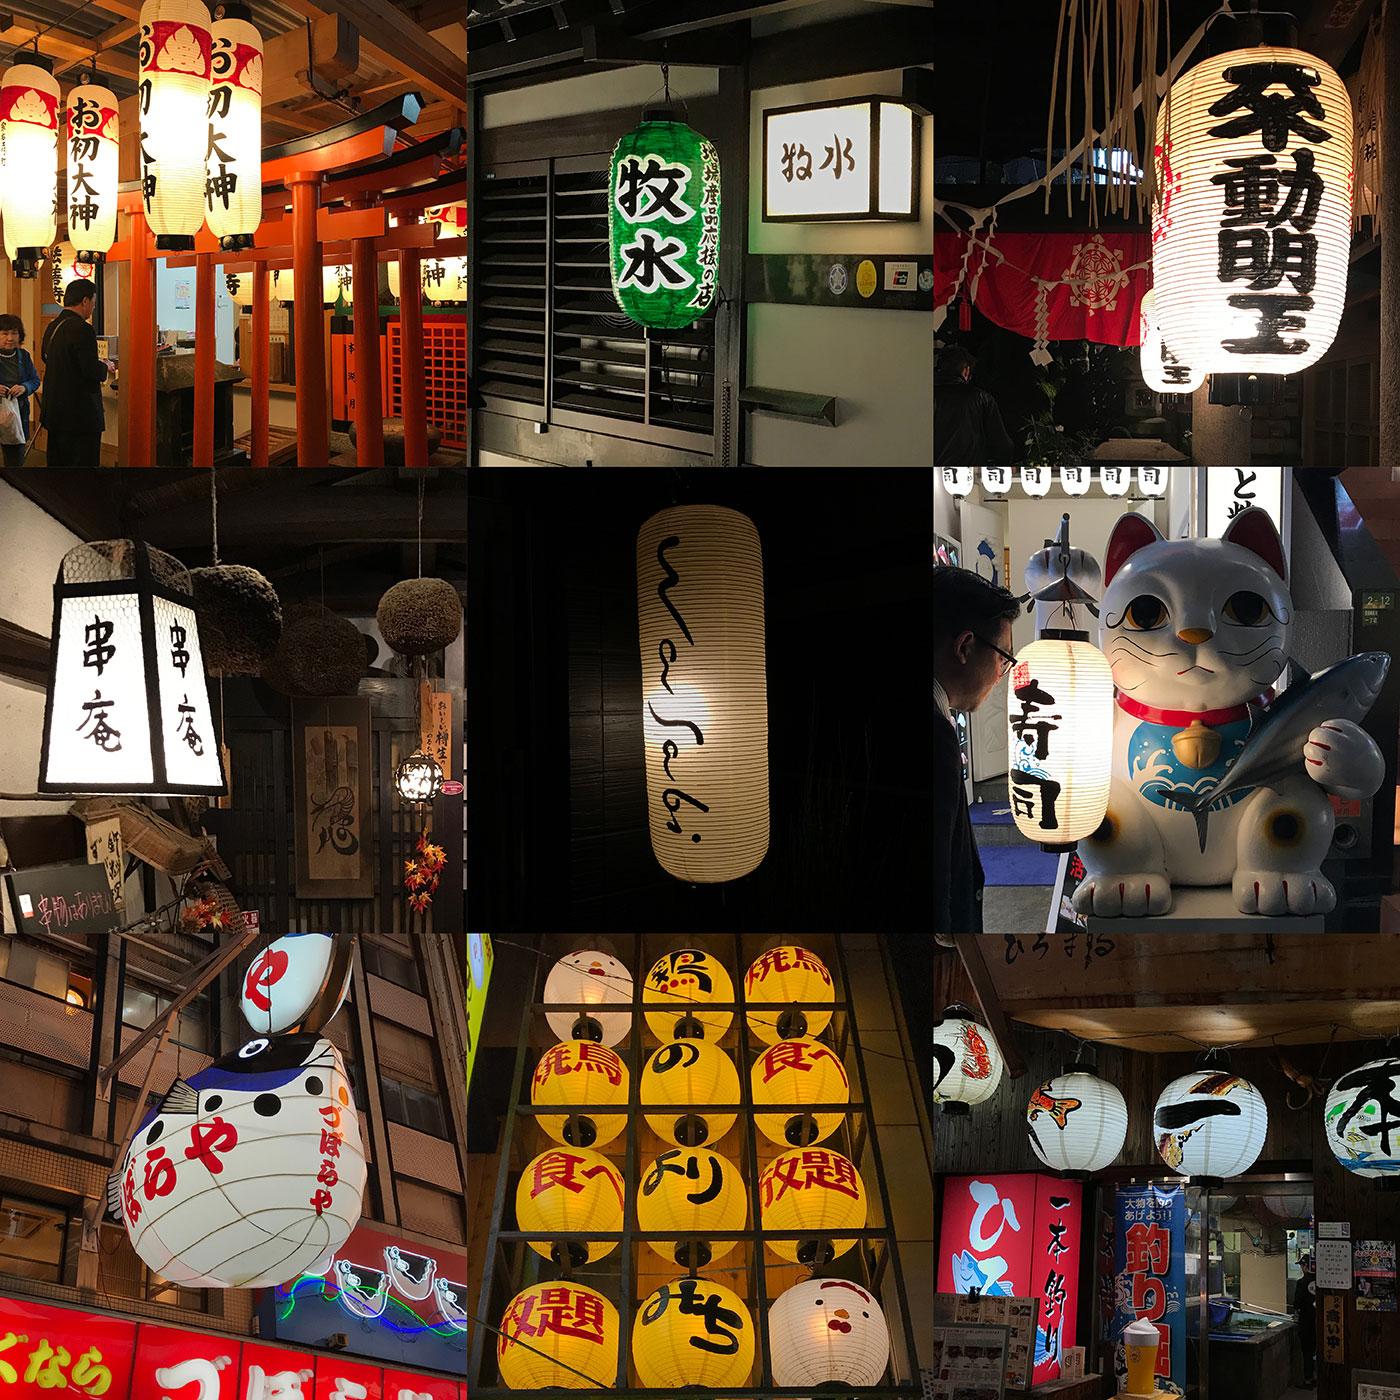 Lanterns of Japan